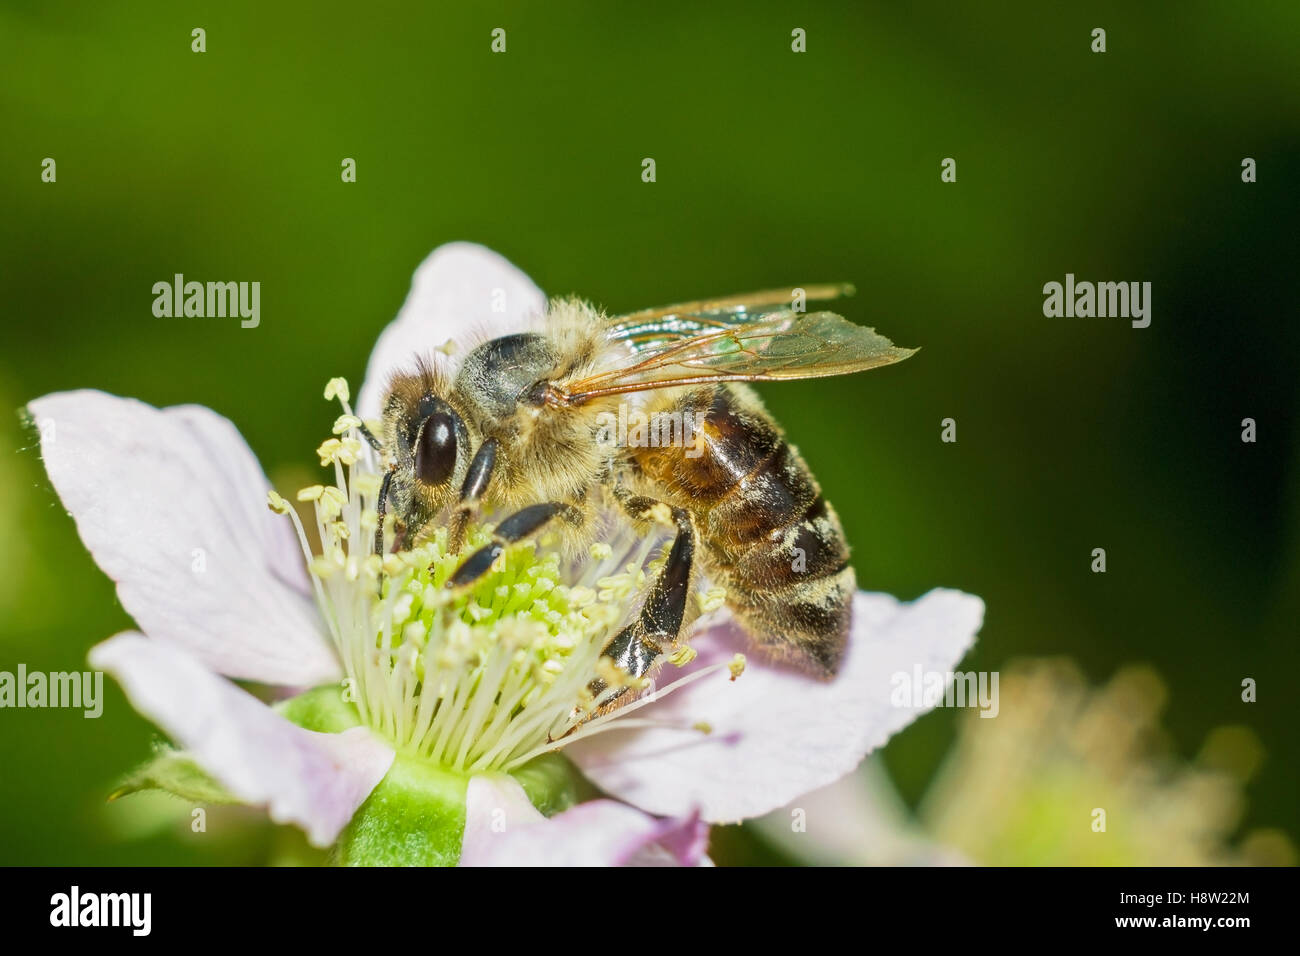 Honey bee on blackberry flower - Stock Image